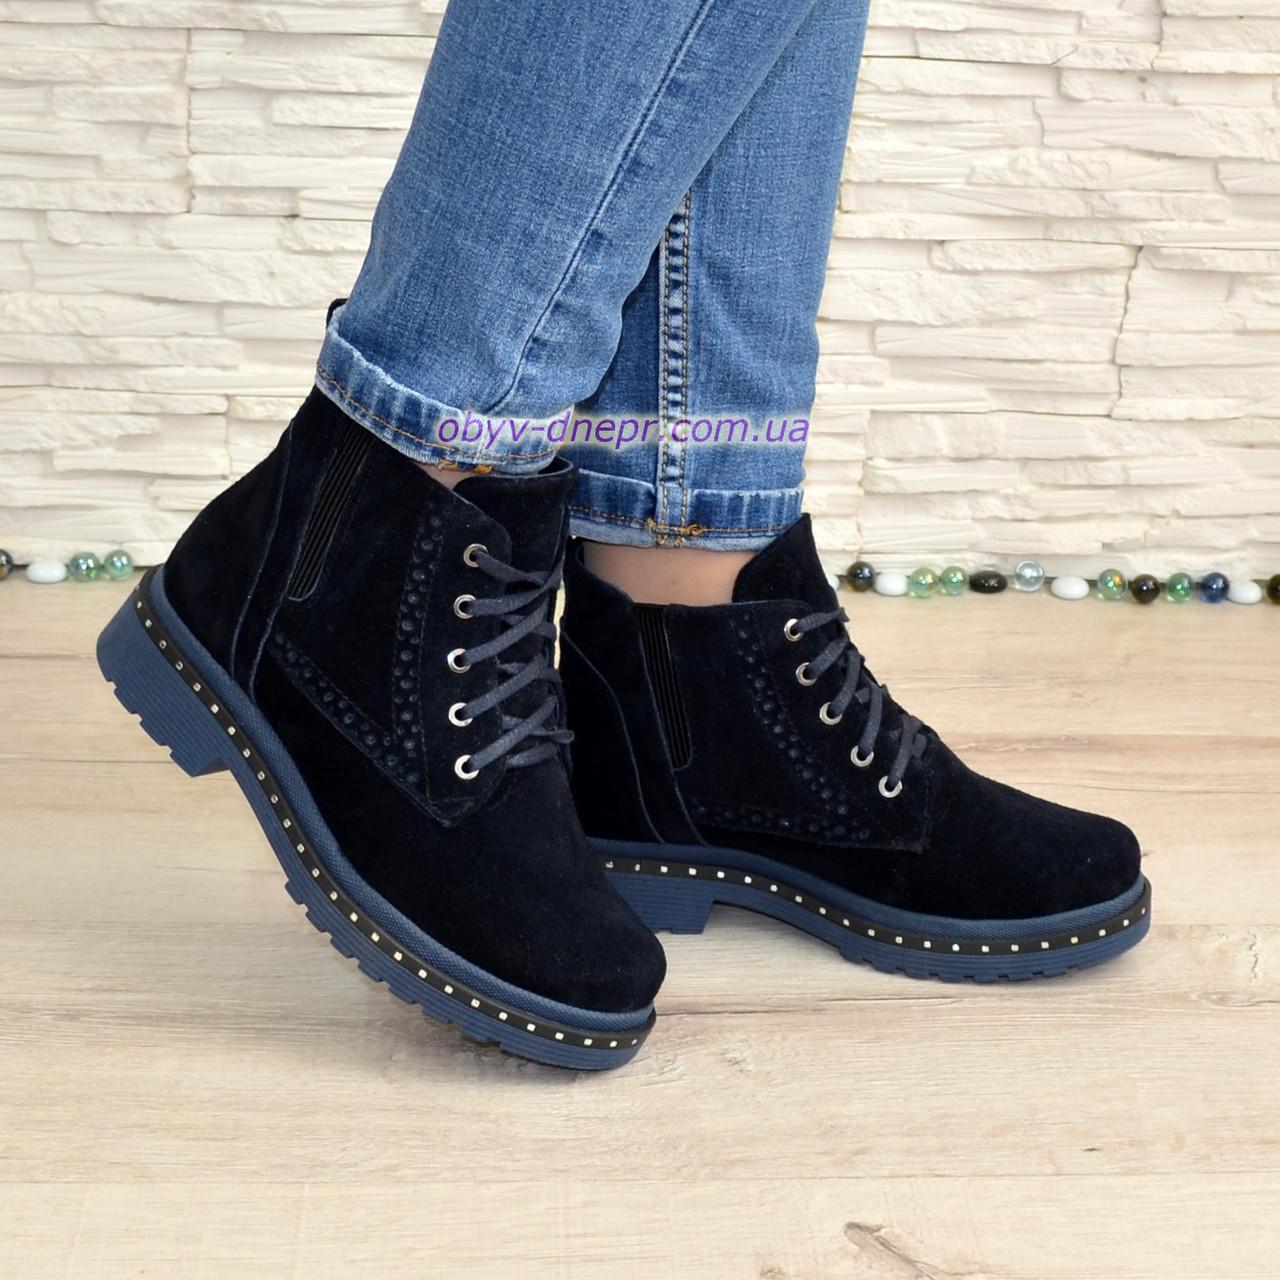 Ботинки женские демисезонные на маленьком каблуке, на шнурках